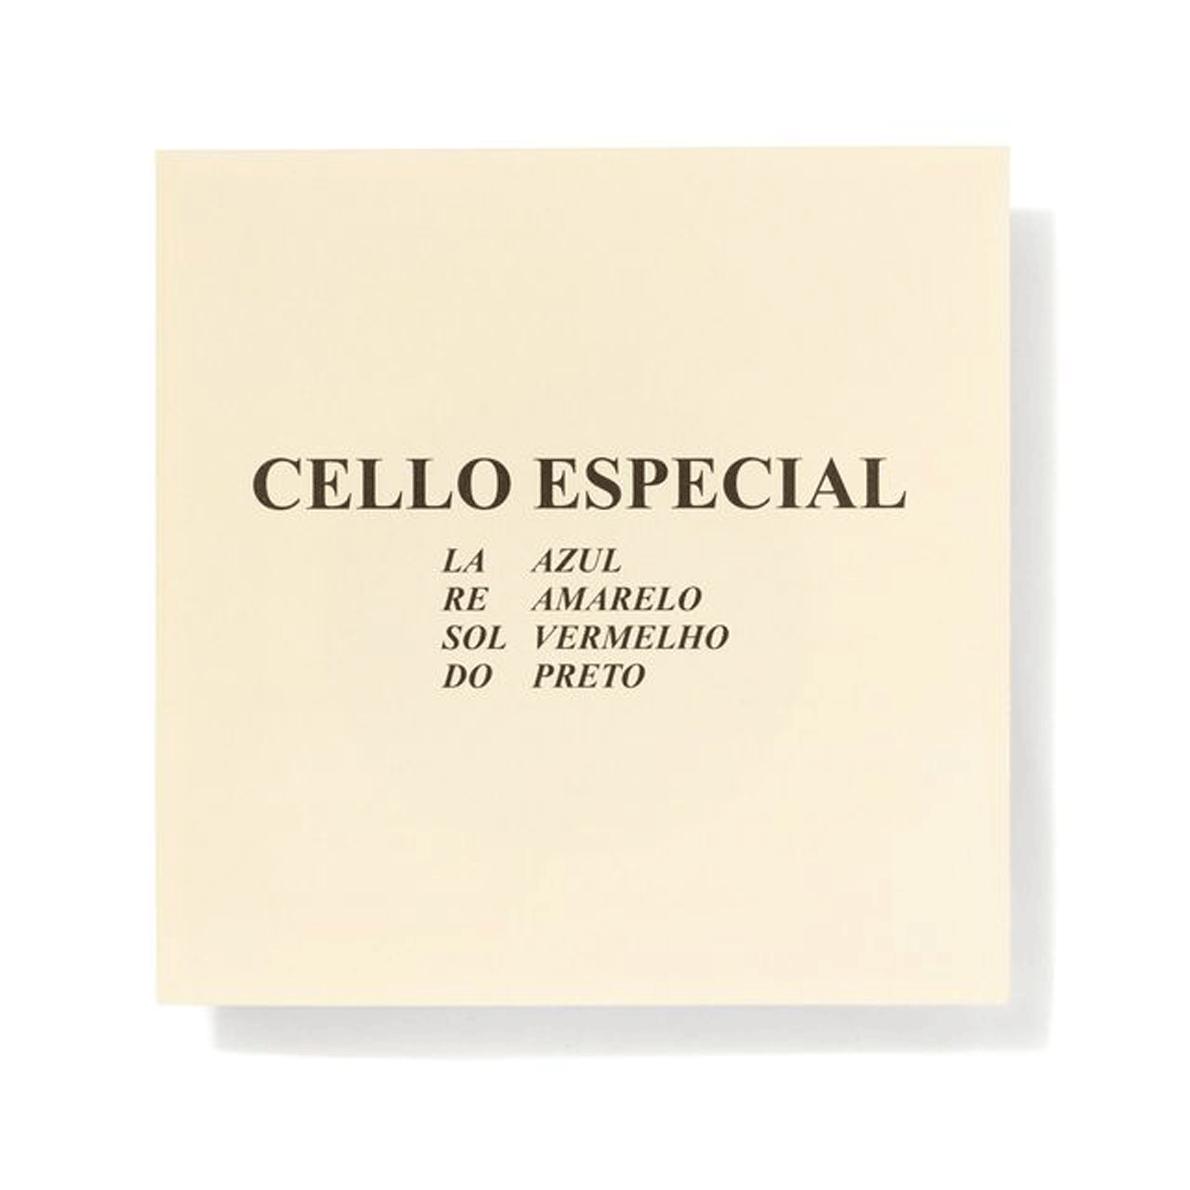 Encordoamento Cordas Especiais M Calixto P/ Cello Violoncelo